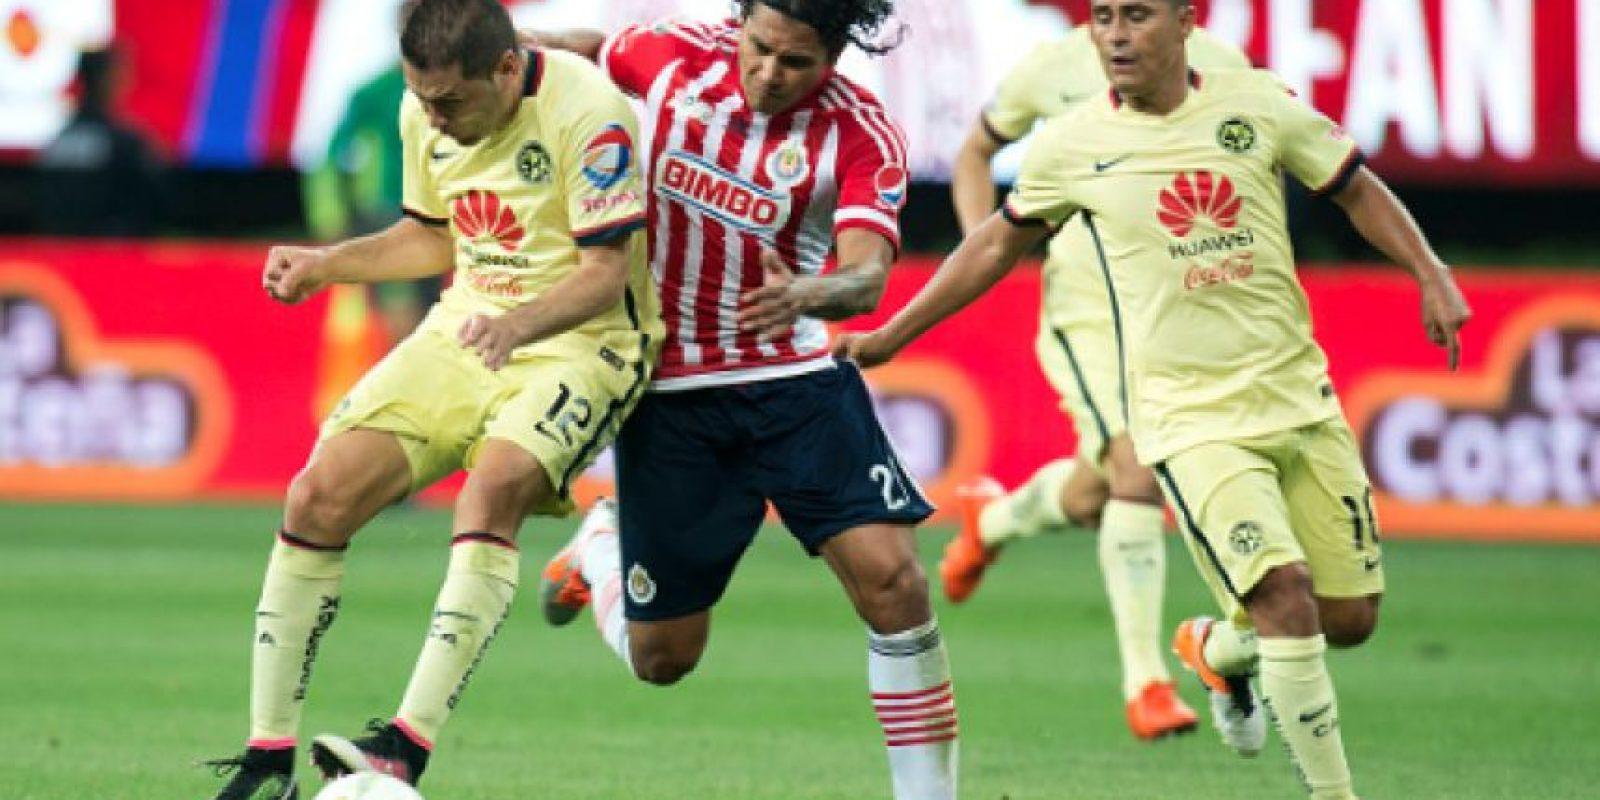 América y Chivas van a jugar el mismo día y a la misma hora